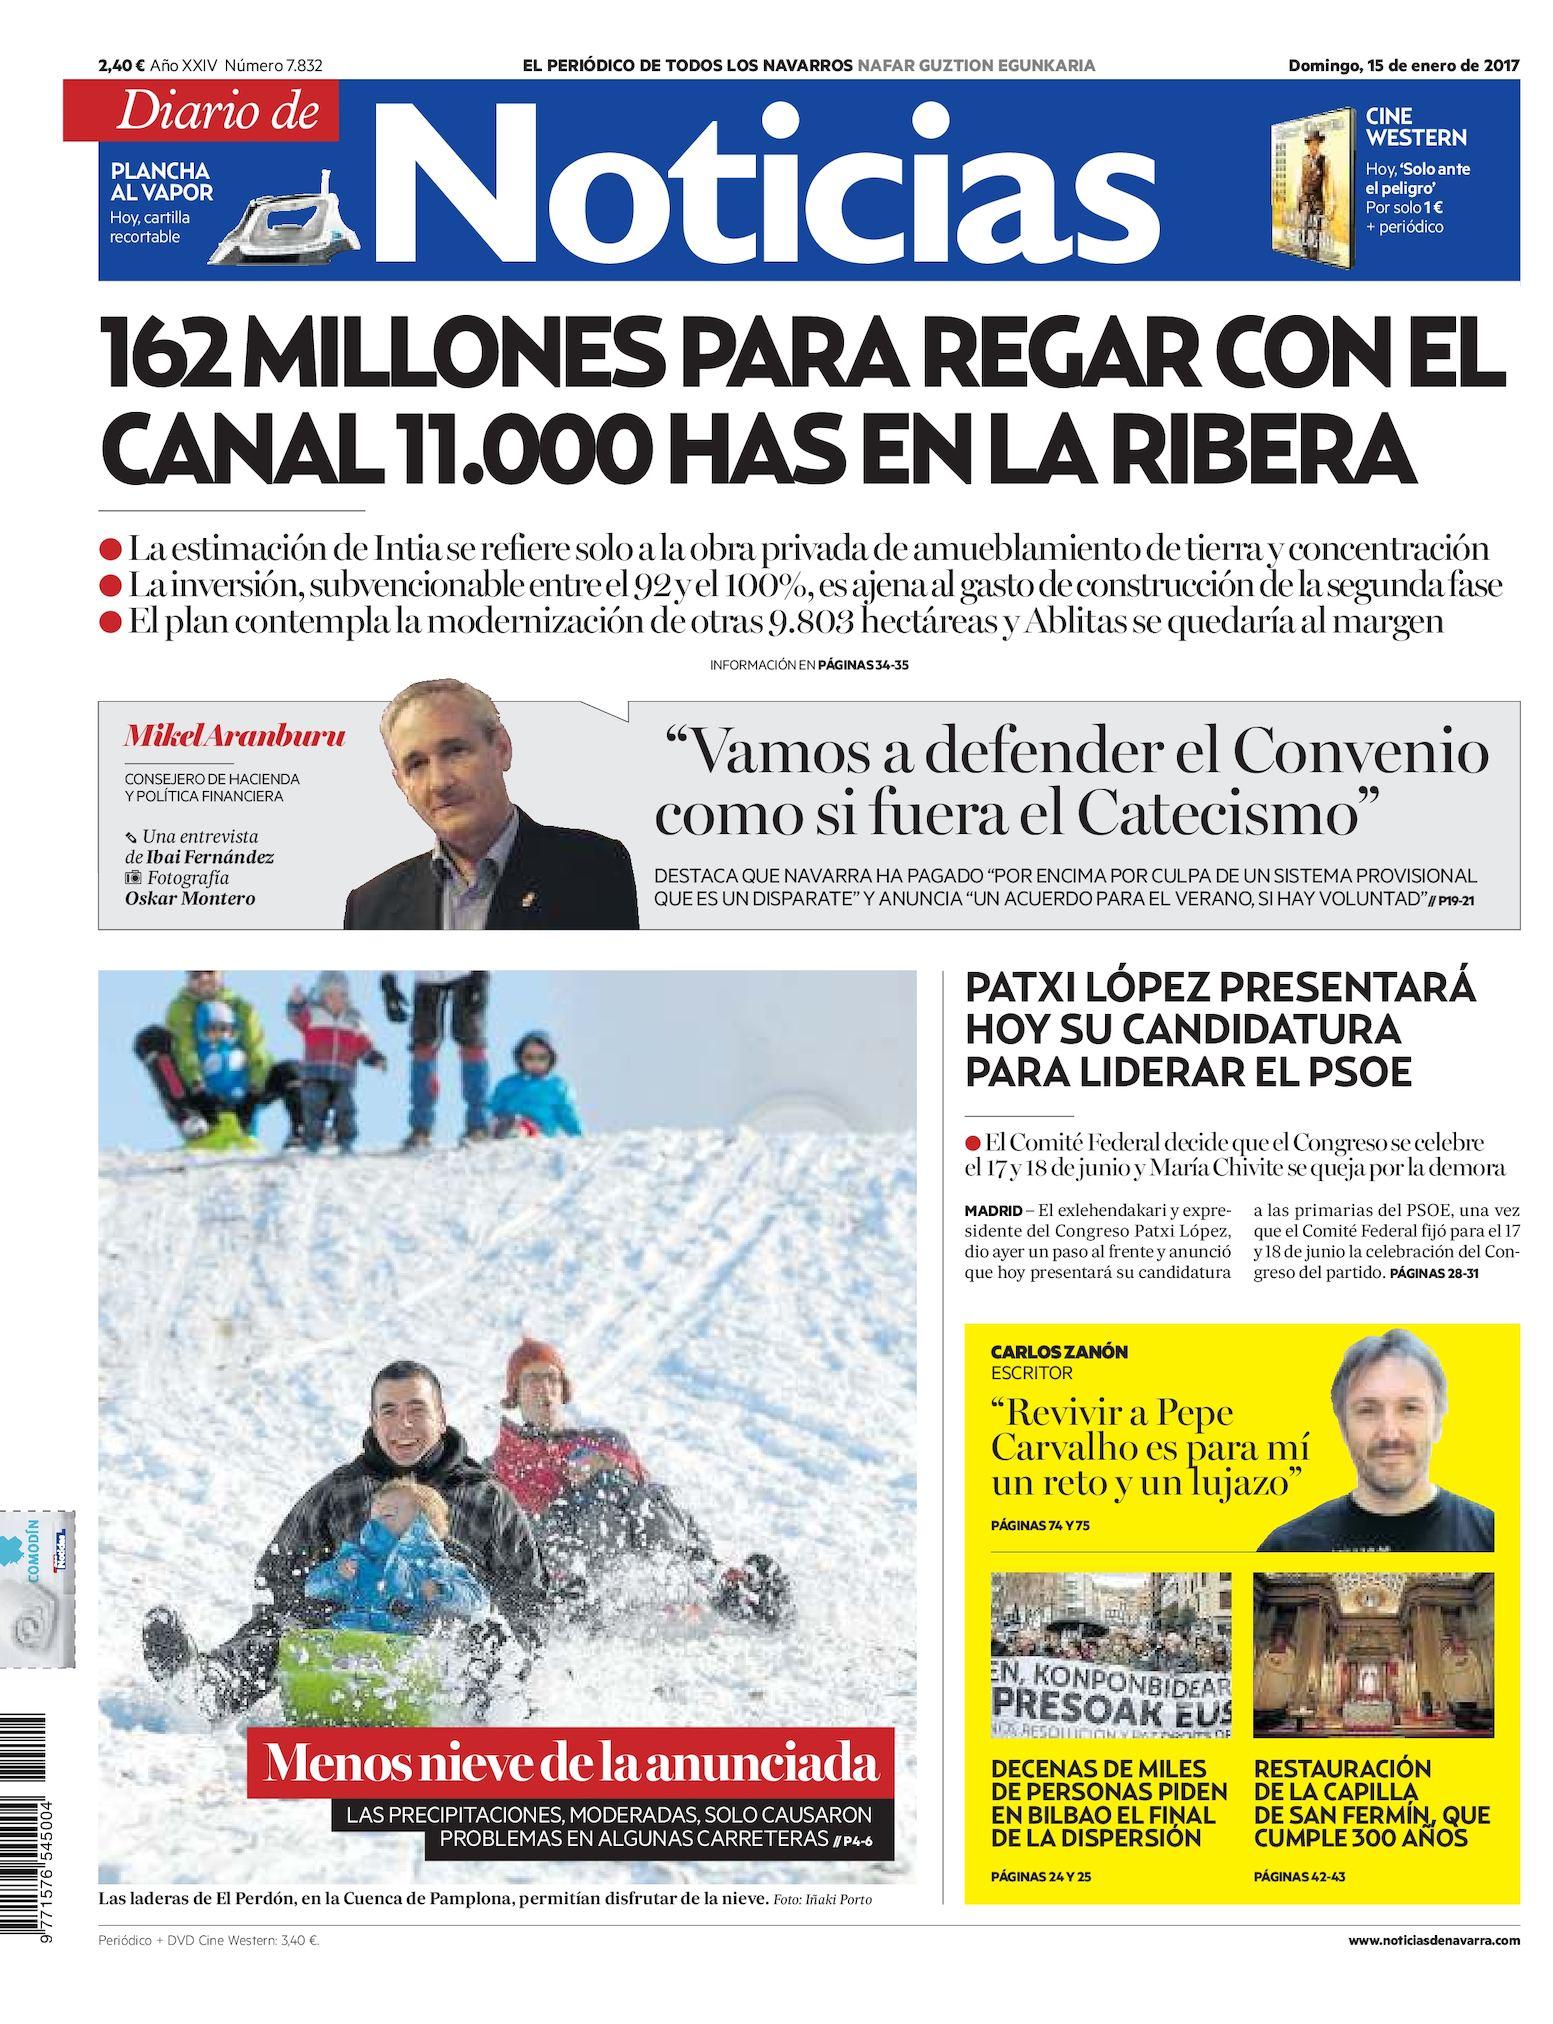 Calaméo - Diario de Noticias 20170115